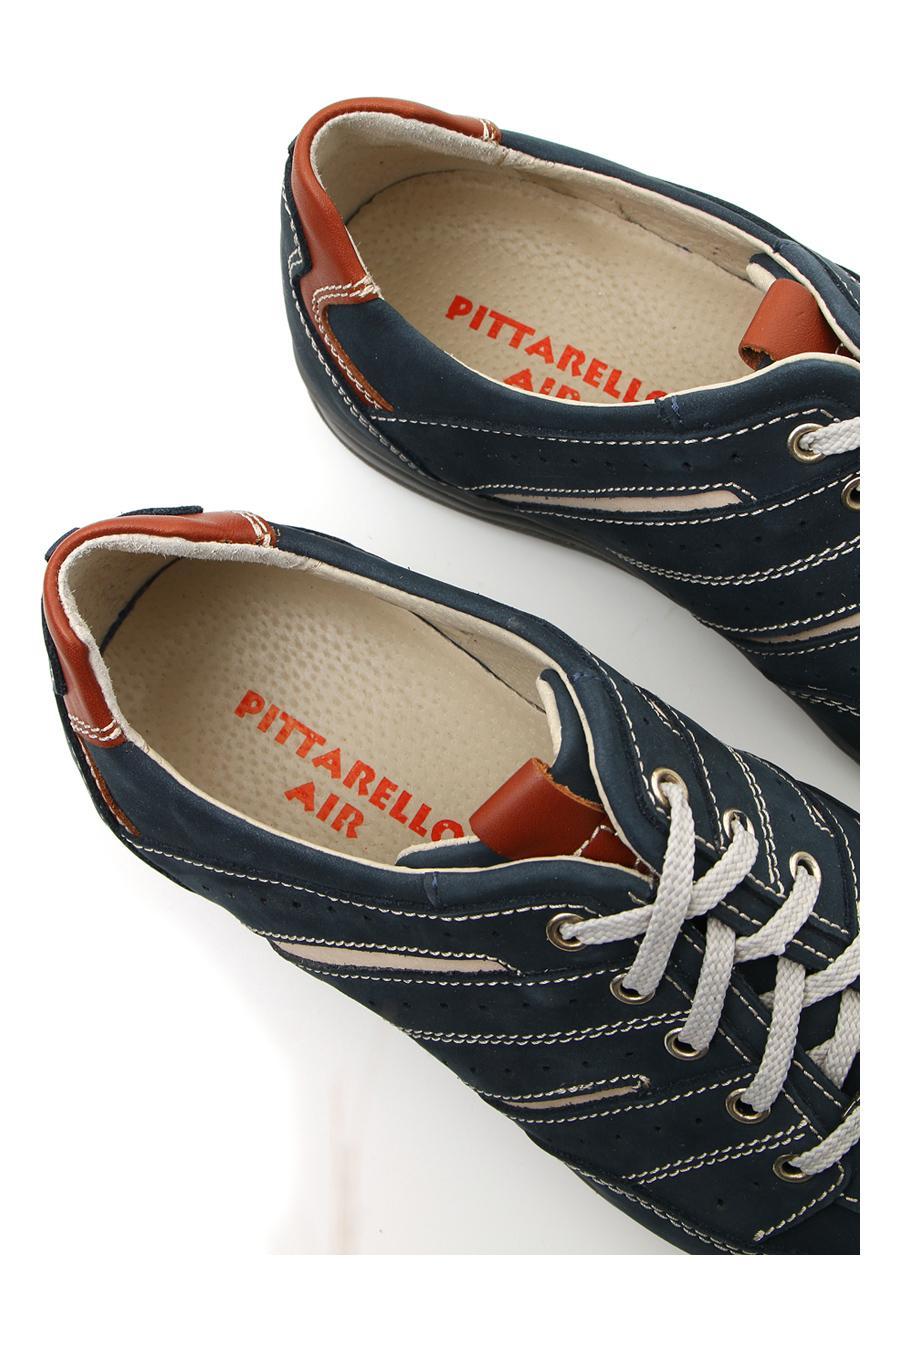 STRINGATE PITTARELLO AIR 7792 uomo blu   Pittarello